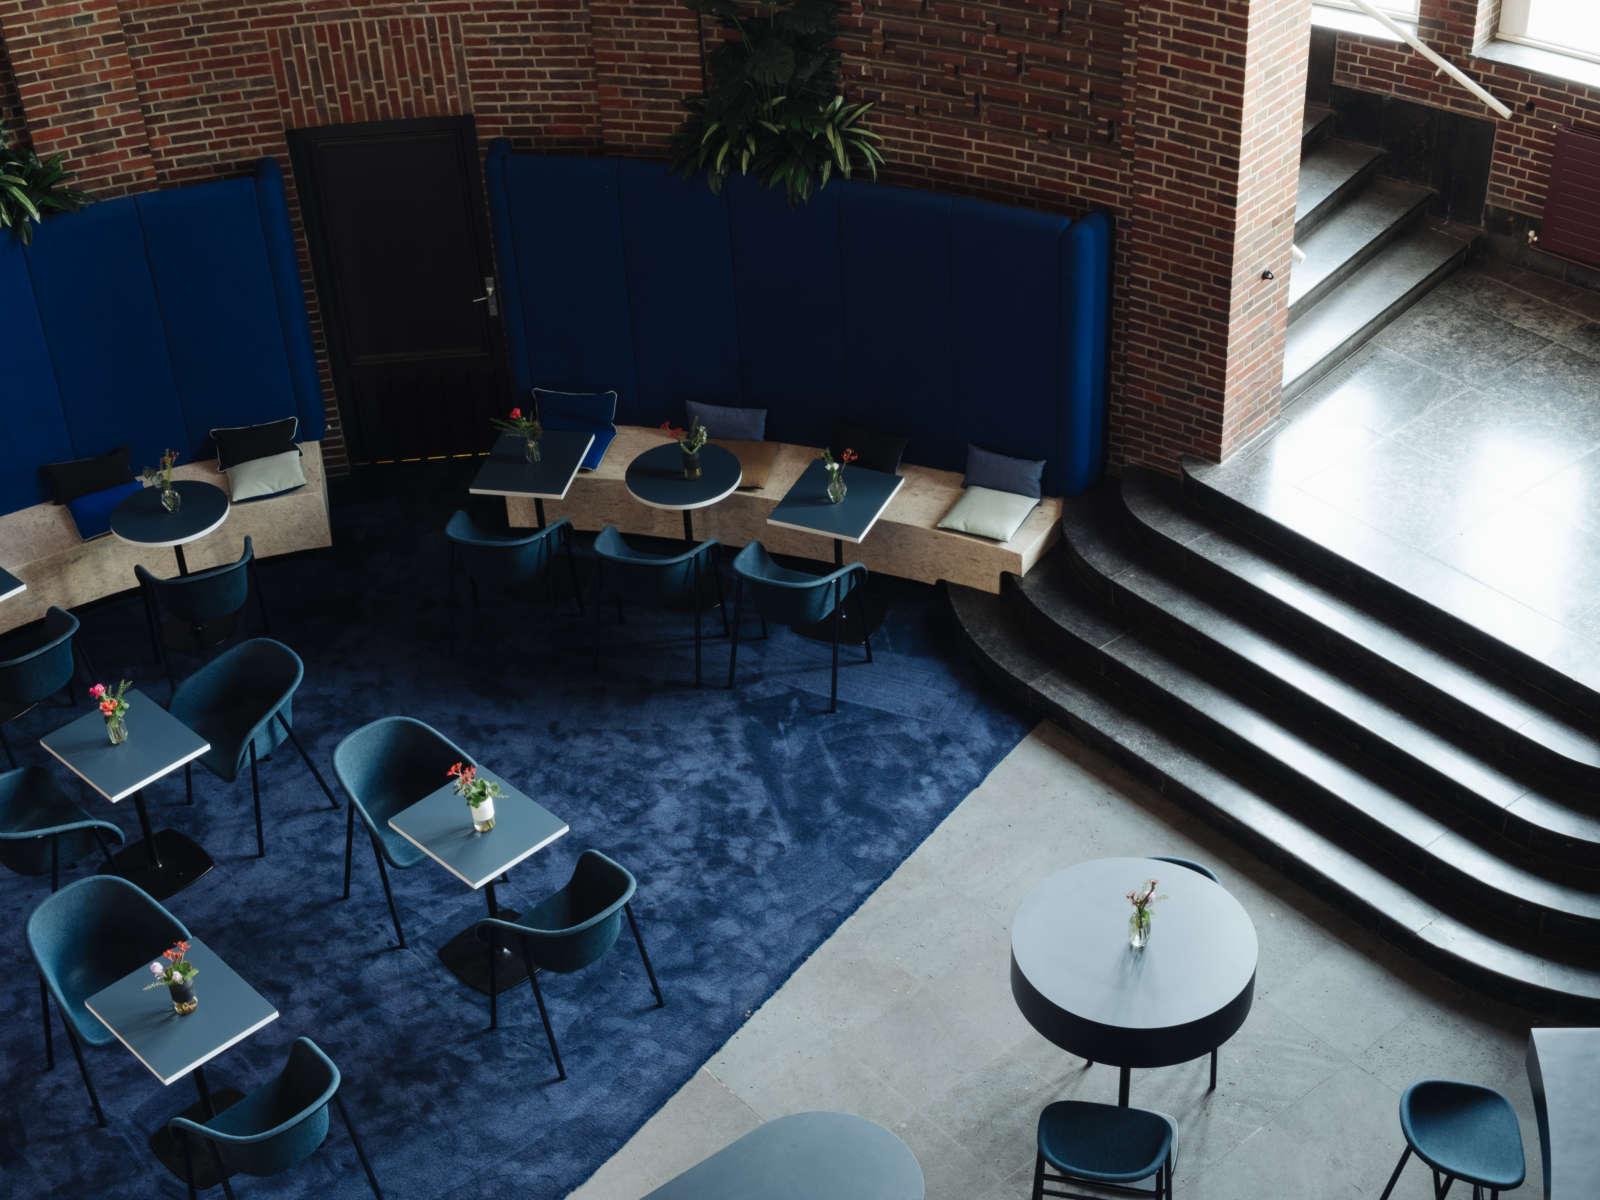 Gastronomie Pong mit mehreren blauen, mit Blumen dekorierten Tischen und blauen Stühlen auf einem blauen Teppich vor roten Backsteinwand